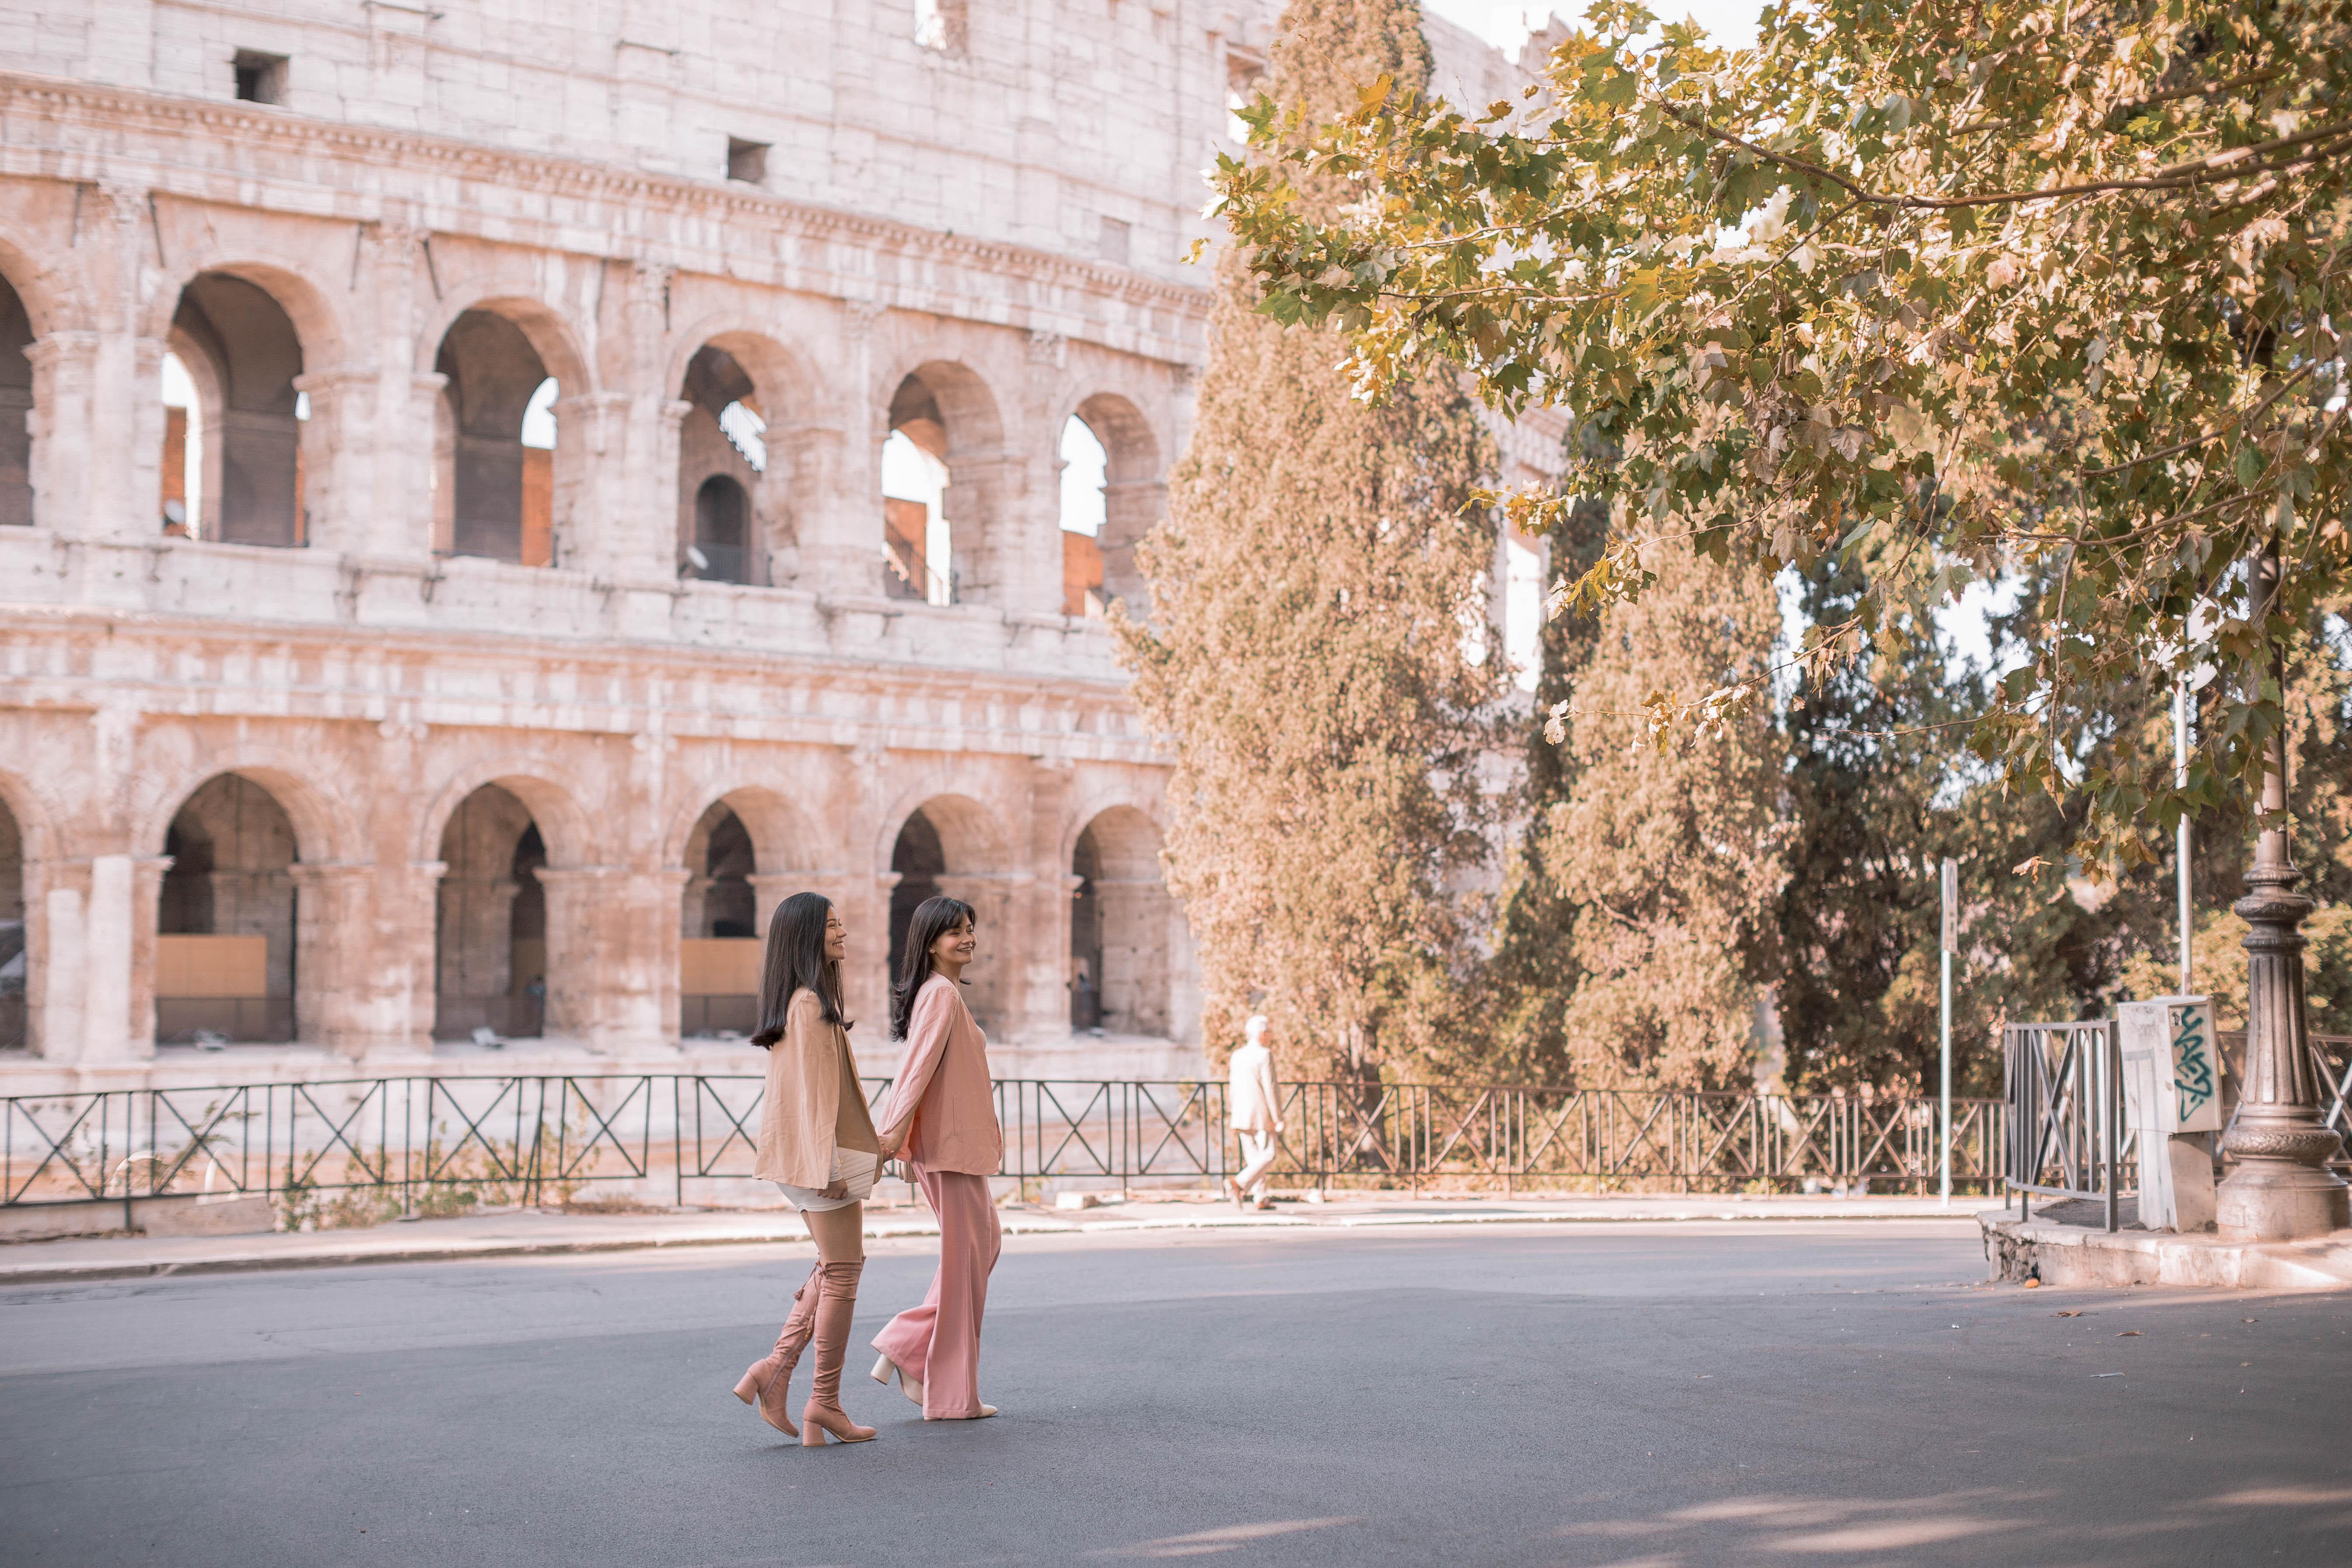 vernica_enciso-rome-s1_35